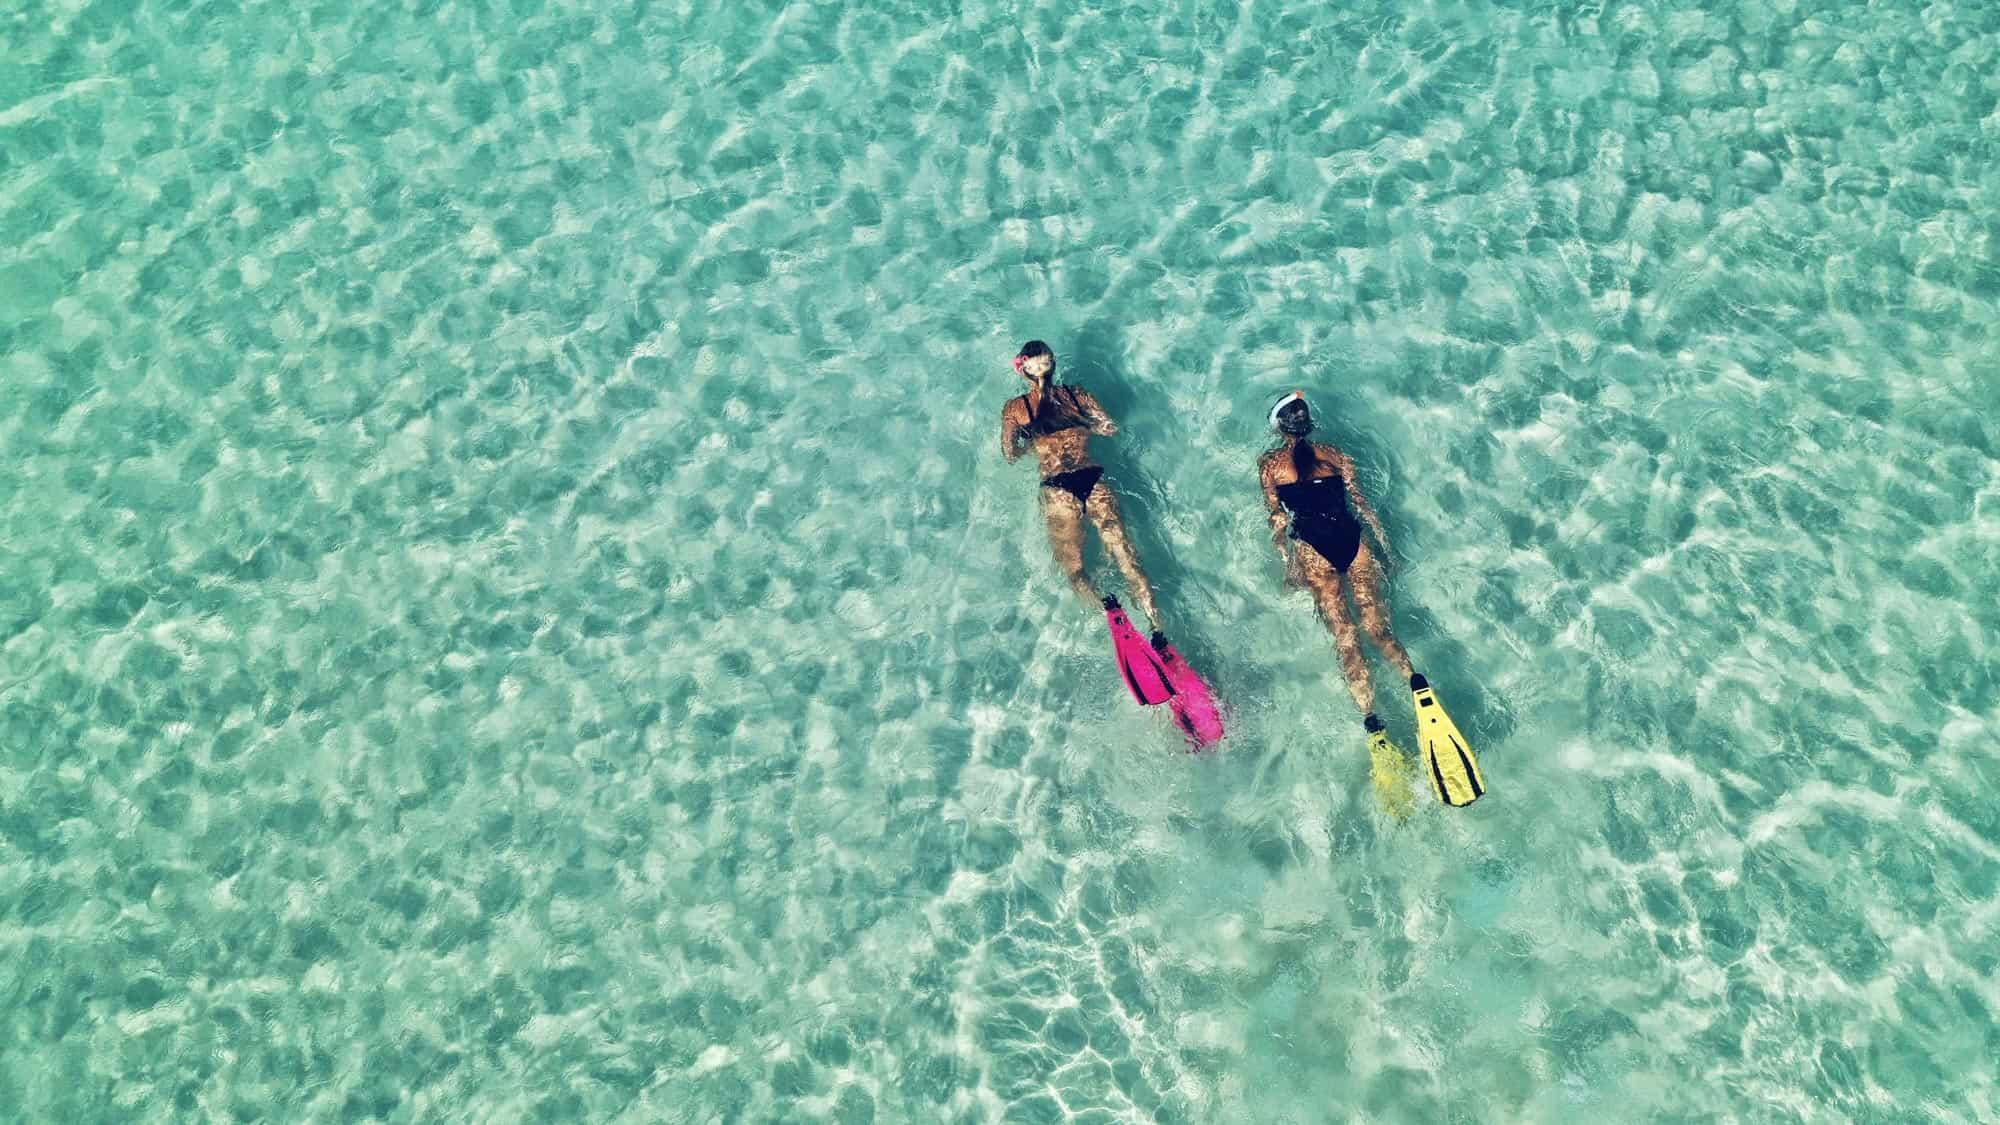 Two women scuba diving